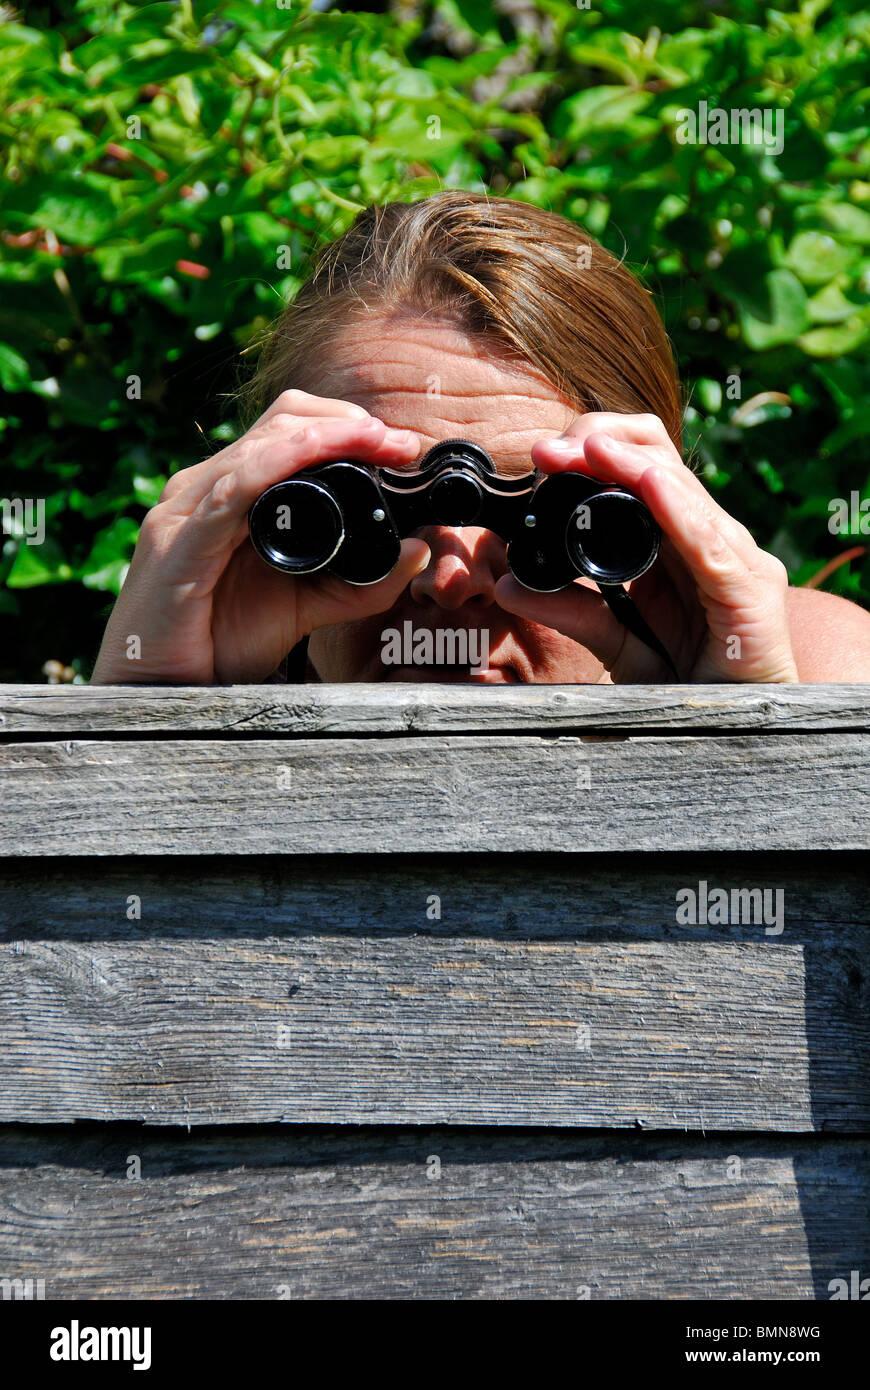 Eine neugierige Bild Frau ihren Nachbarn ausspionieren Stockfoto, Bild neugierige cb65b5